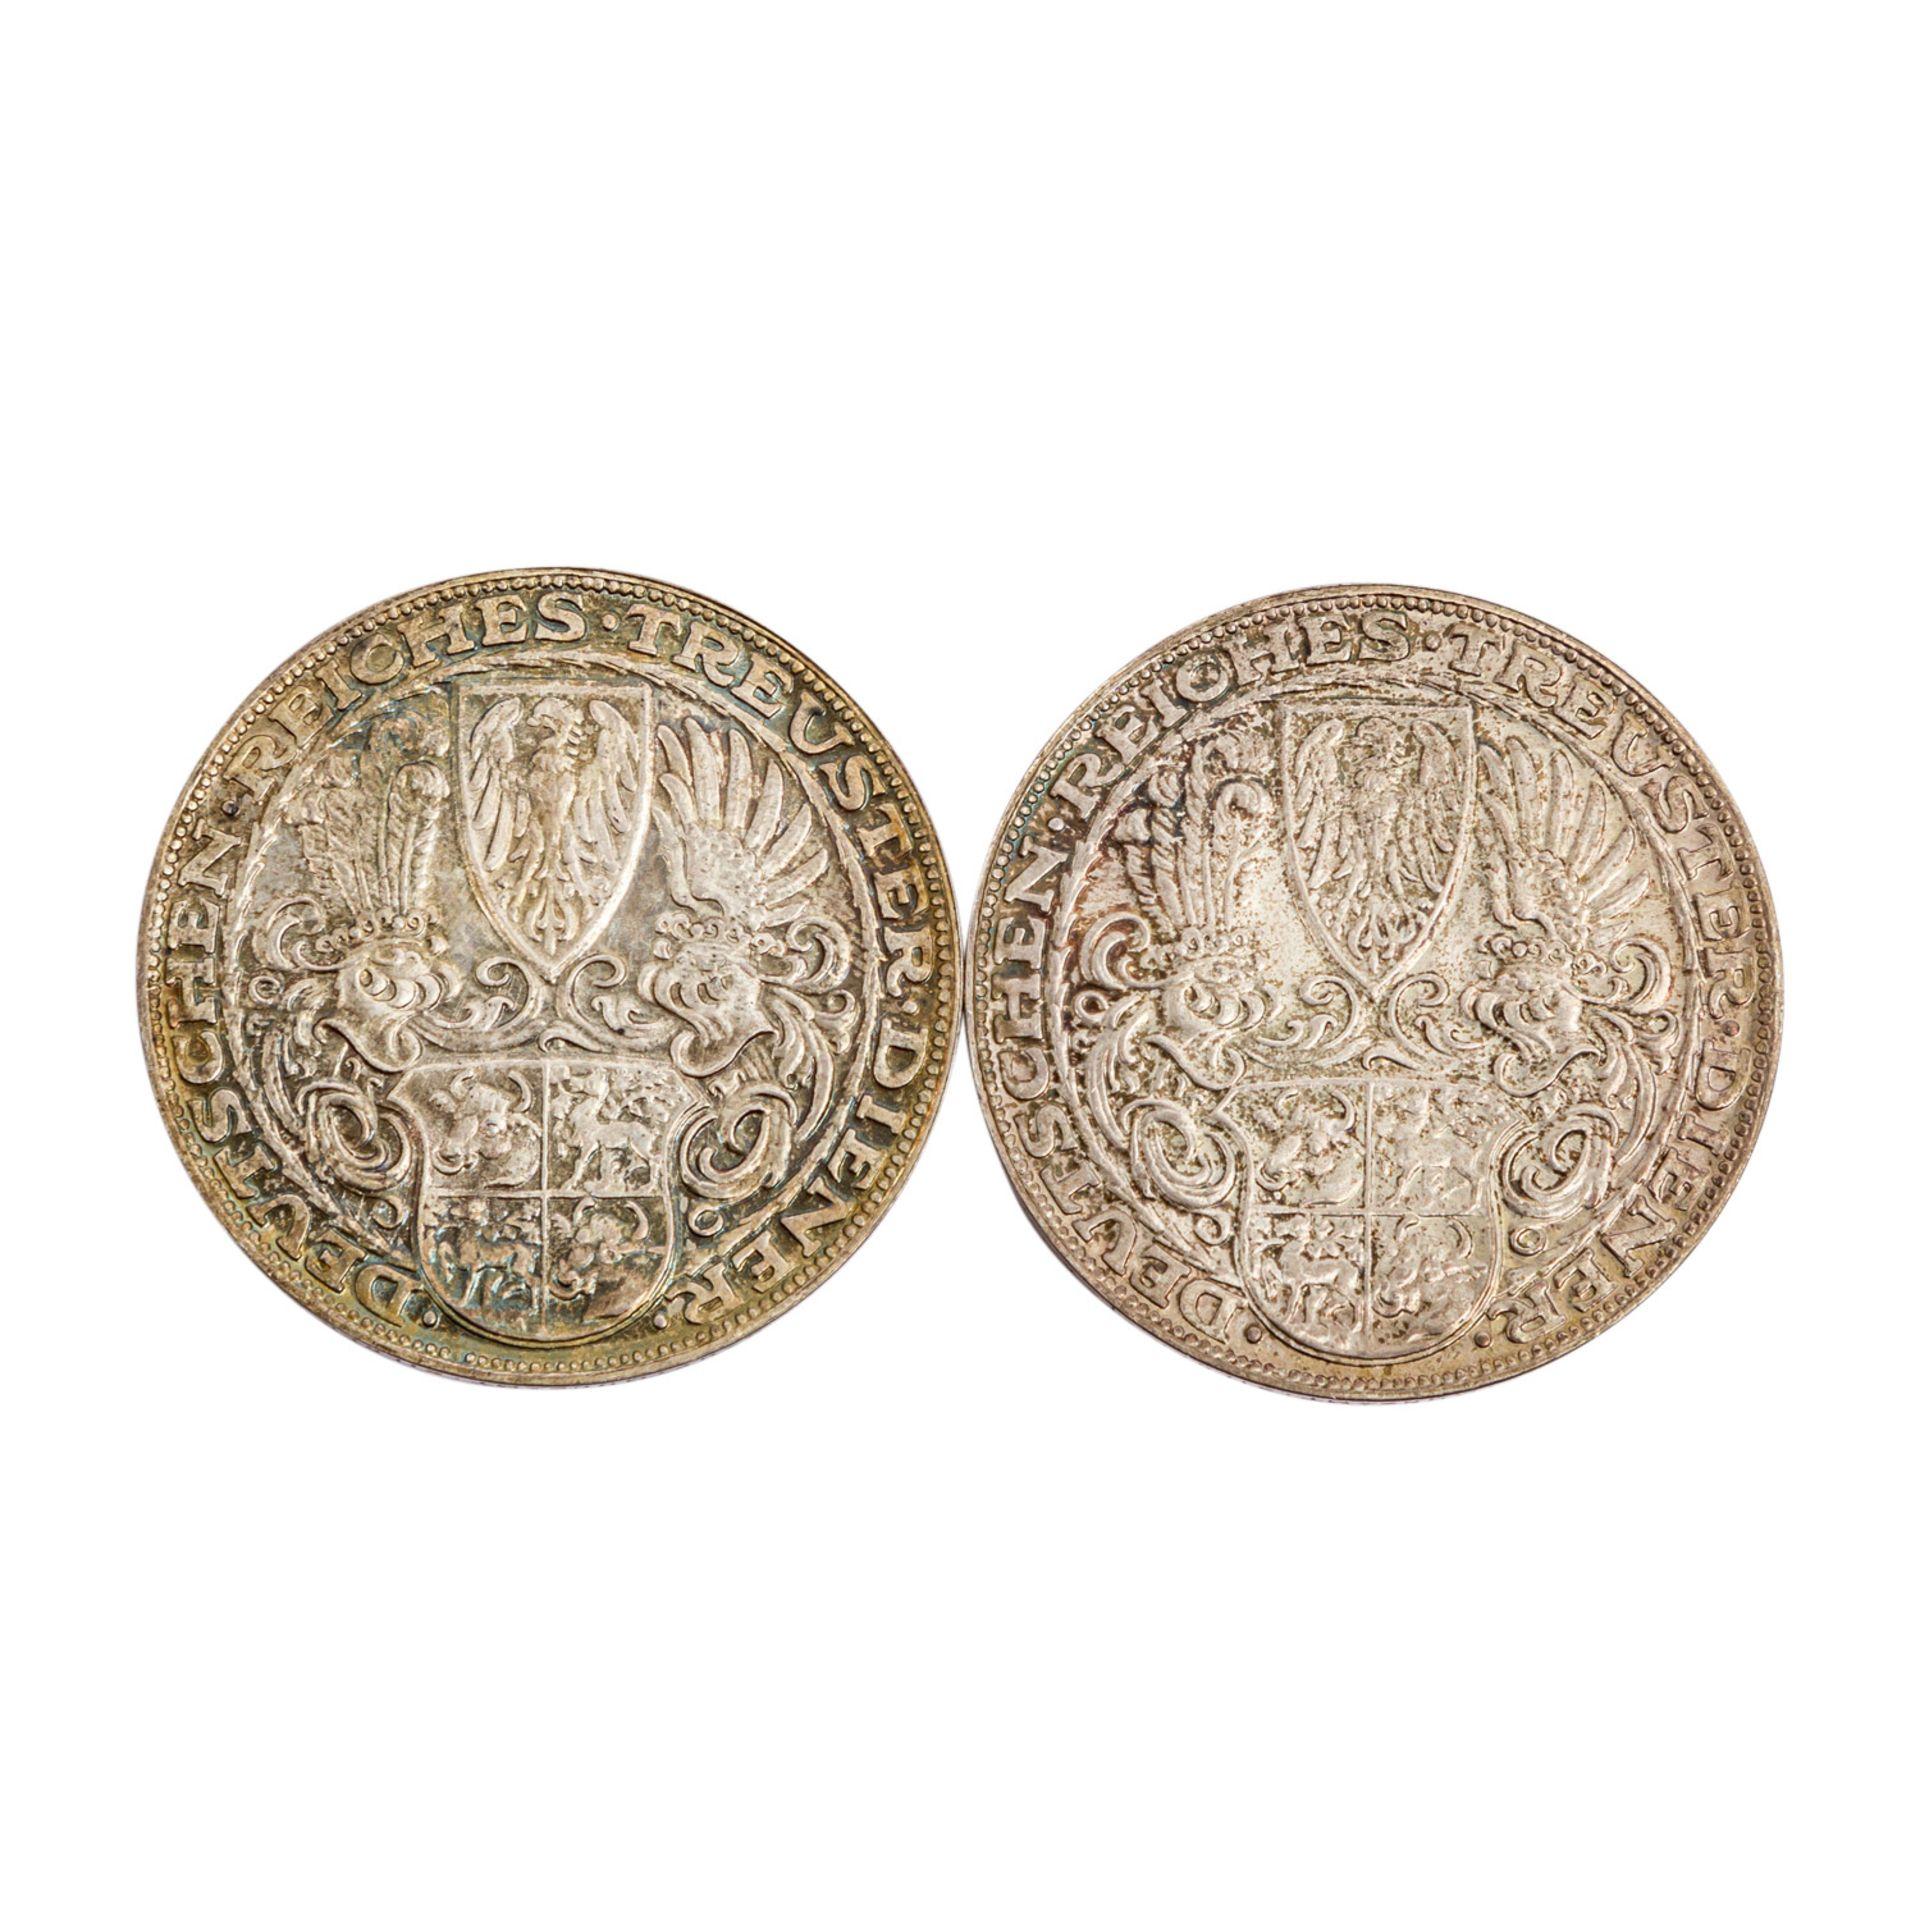 2 Silbermedaillen aus der Weimarer Republik - - Bild 2 aus 2